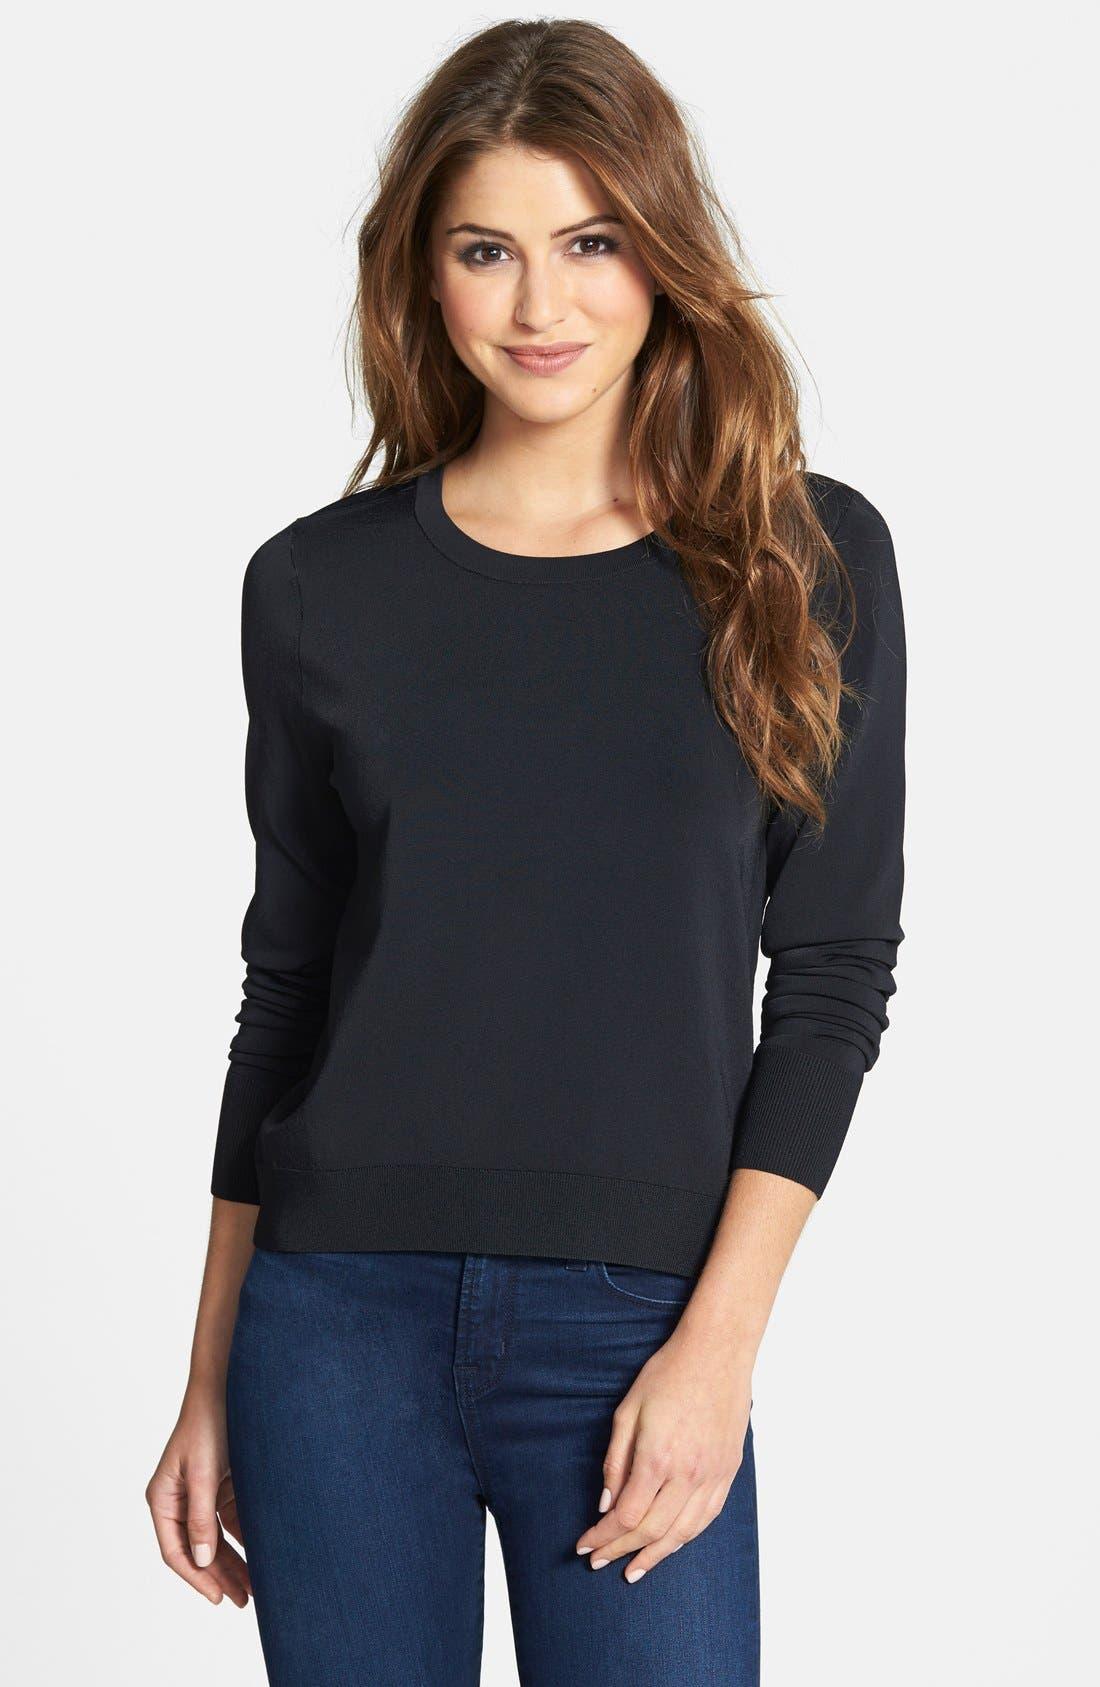 Alternate Image 1 Selected - Halogen® Fine Gauge Crewneck Sweater (Regular & Petite)